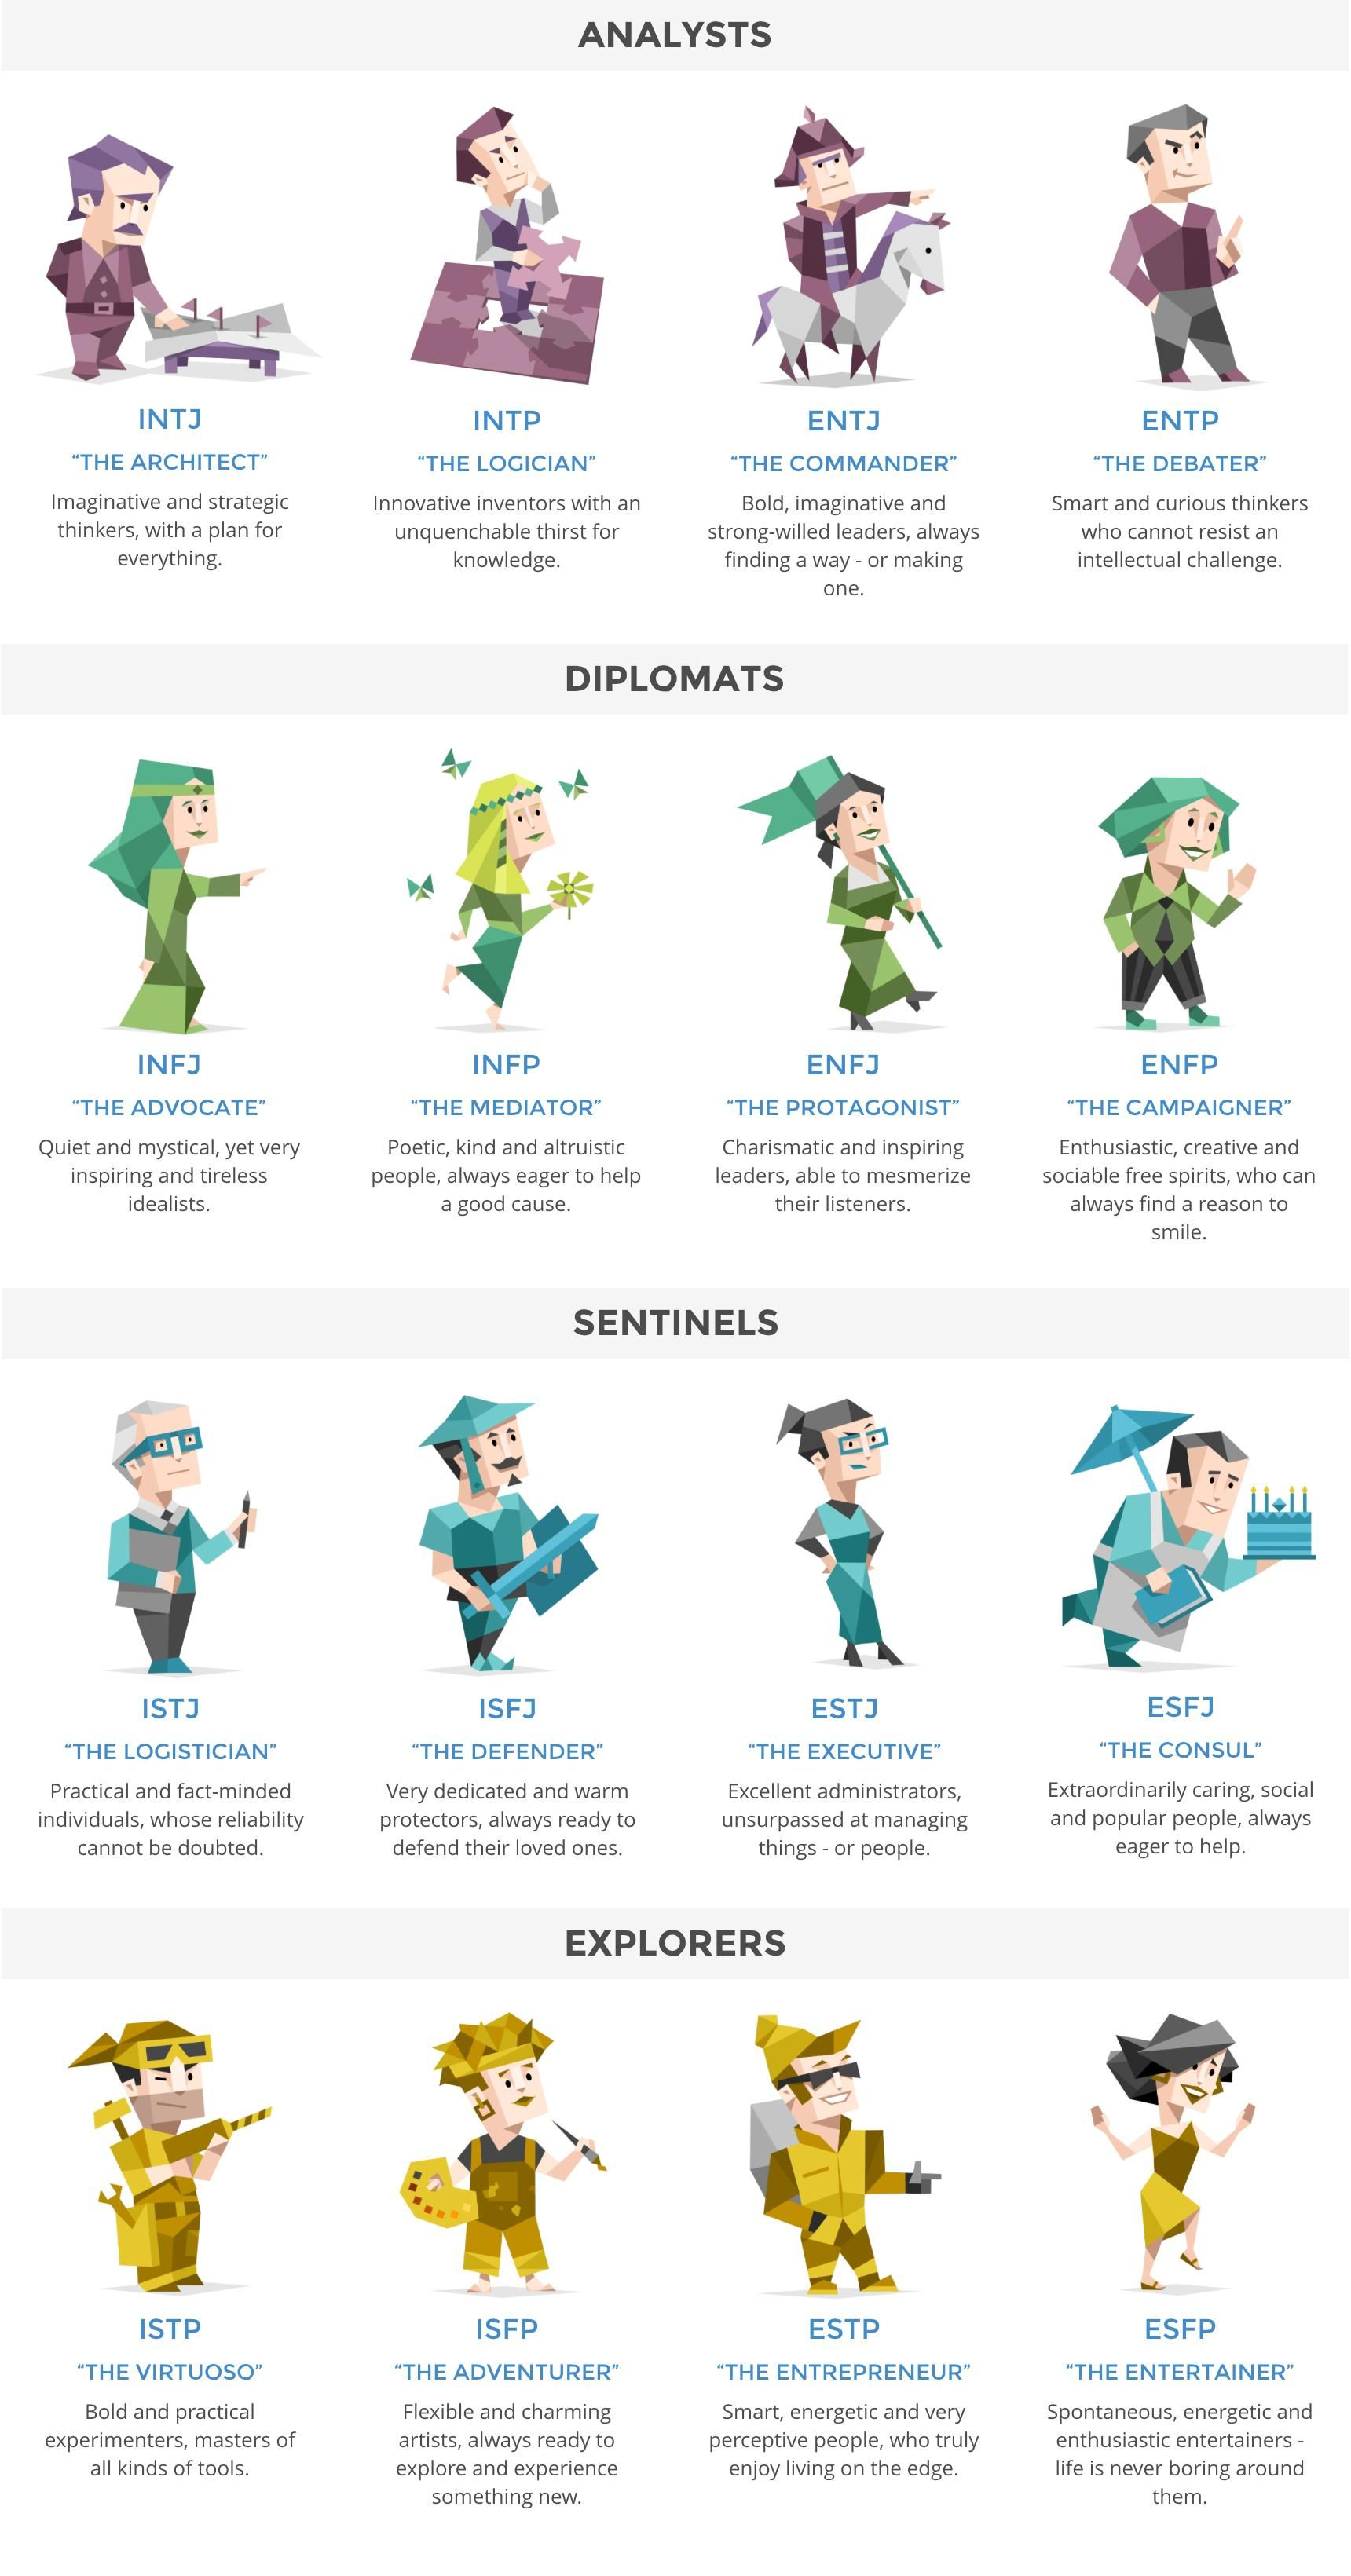 test de 16personalities